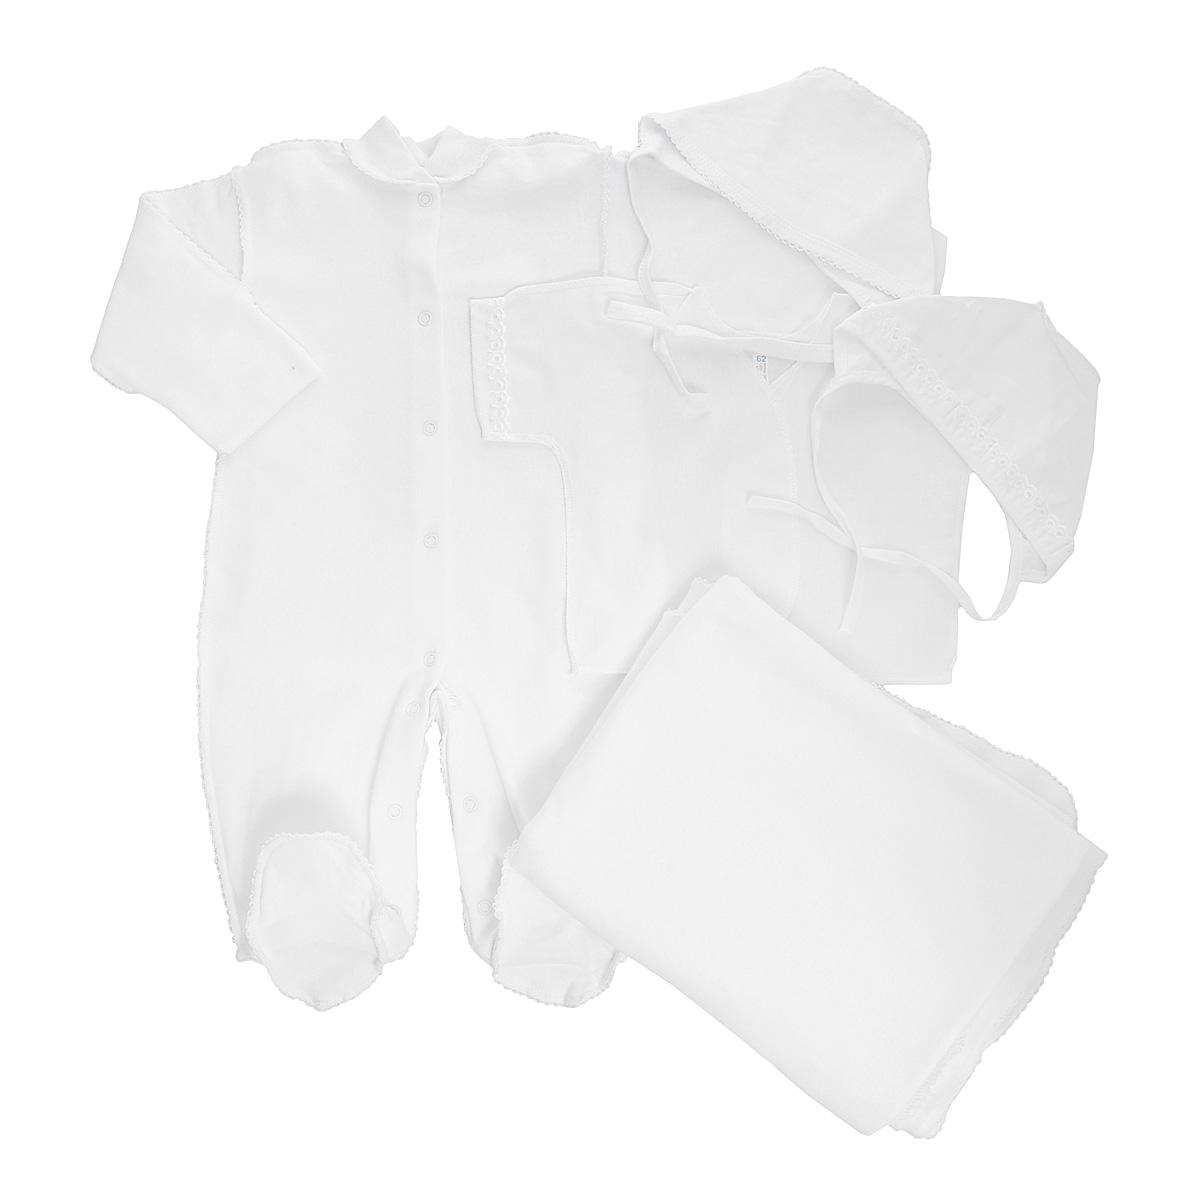 Комплект для новорожденного Трон-Плюс, 5 предметов, цвет: белый. Размер 56, 1 месяц3474Комплект для новорожденного Трон-плюс - это замечательный подарок, который прекрасно подойдет для первых дней жизни малыша. Комплект состоит из комбинезона, распашонки, двух чепчиков и пеленки. Комплект изготовлен из натурального хлопка, благодаря чему он необычайно мягкий и приятный на ощупь, не сковывает движения младенца и позволяет коже дышать, не раздражает даже самую нежную и чувствительную кожу ребенка, обеспечивая ему наибольший комфорт. Легкая распашонка с короткими рукавами выполнена швами наружу. Рукава декорированы ажурными рюшами. Теплый комбинезон с небольшим воротничком-стойкой, длинными рукавами и закрытыми ножками идеально подойдет вашему ребенку, обеспечивая ему наибольший комфорт. Комбинезон застегивает на кнопочки по всей длине и на ластовице, что помогает с легкостью переодеть ребенка или сметить подгузник. Рукавички обеспечат вашему малышу комфорт во время сна и бодрствования, предохраняя нежную кожу новорожденного от расцарапывания. Комбинезон выполнен швами наружу и украшен ажурными петельками. Чепчик защищает еще не заросший родничок, щадит чувствительный слух малыша, прикрывая ушки, и предохраняет от теплопотерь. Комплект содержит два чепчика: один - легкий мягкий чепчик с завязками выполнен швами наружу и украшен ажурными рюшами, а второй - теплый чепчик выполнен из футера швами наружу и украшен ажурными петельками. Теплая и мягкая пеленка станет незаменимым помощником в деле ухода за ребенком. По периметру изделие оформлено ажурными петельками. В таком комплекте ваш малыш будет чувствовать себя комфортно, уютно и всегда будет в центре внимания!